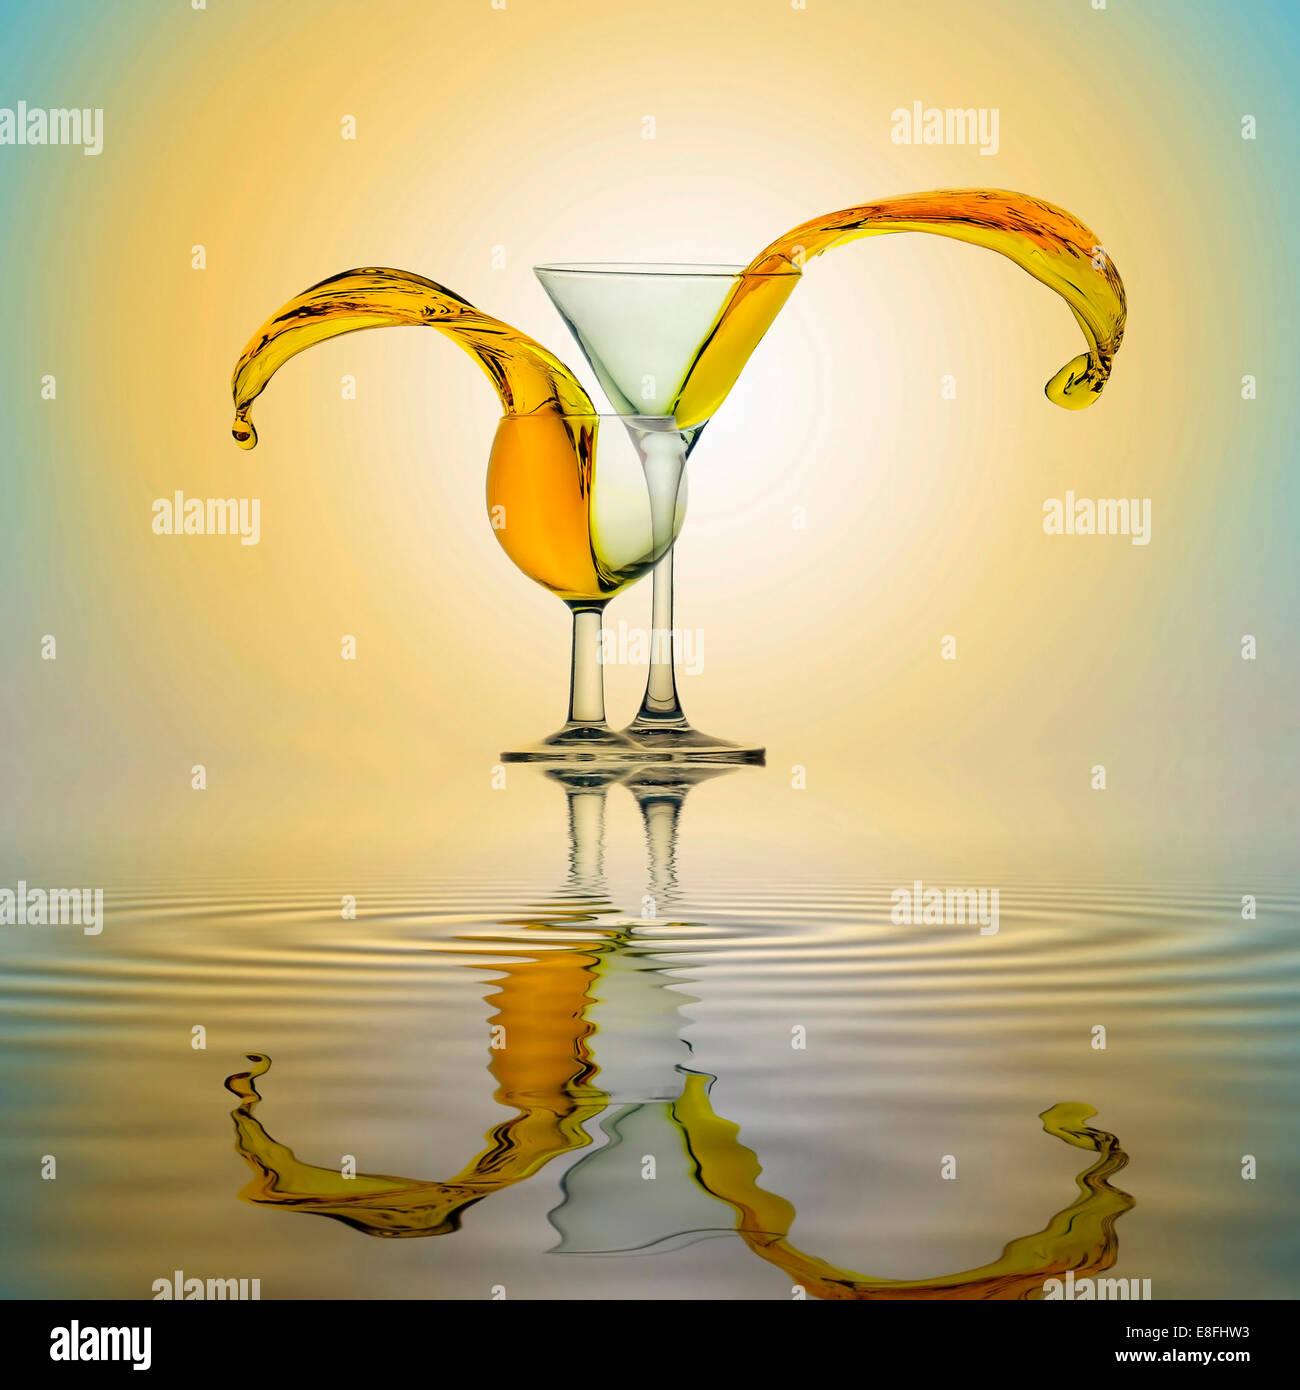 Las salpicaduras de agua amarilla de dos copas de pie al lado de la otra sobre la superficie del agua Foto de stock